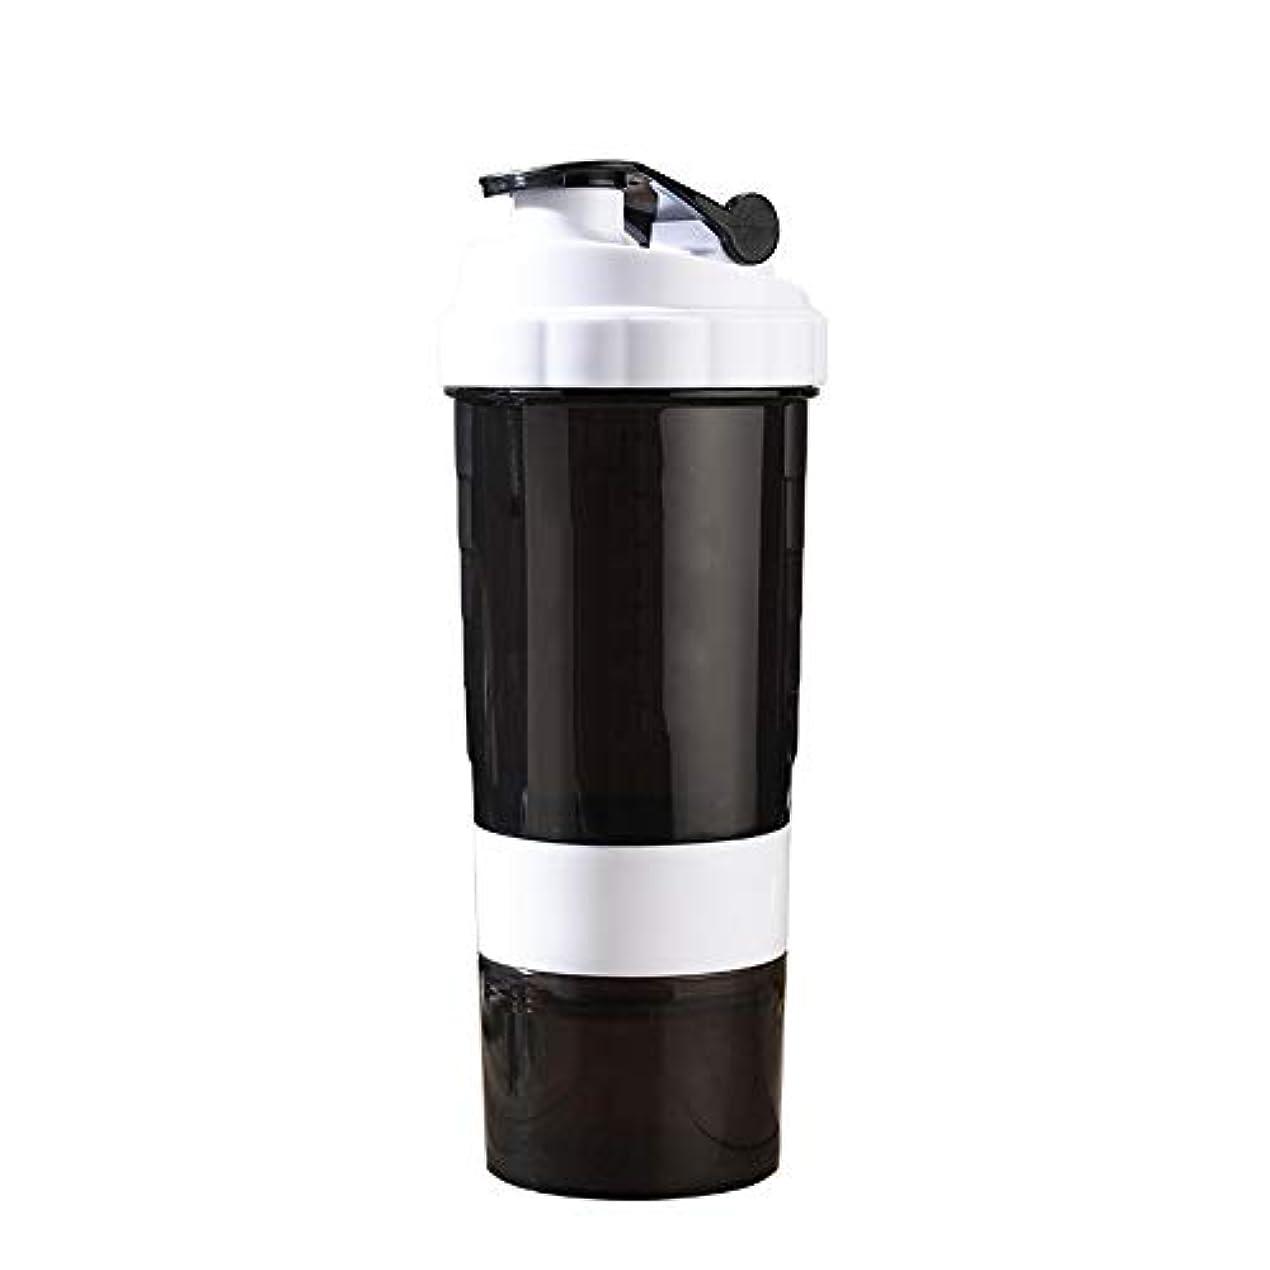 軽く変形するアブセイミルクセーキ シェイクカップフ[ 最新デザイン ] 多層タンパク質粉末 シェイクカップフ ィット ネススポ ーツウォーターボトル 旋風やかんミルク スケールティーカップ